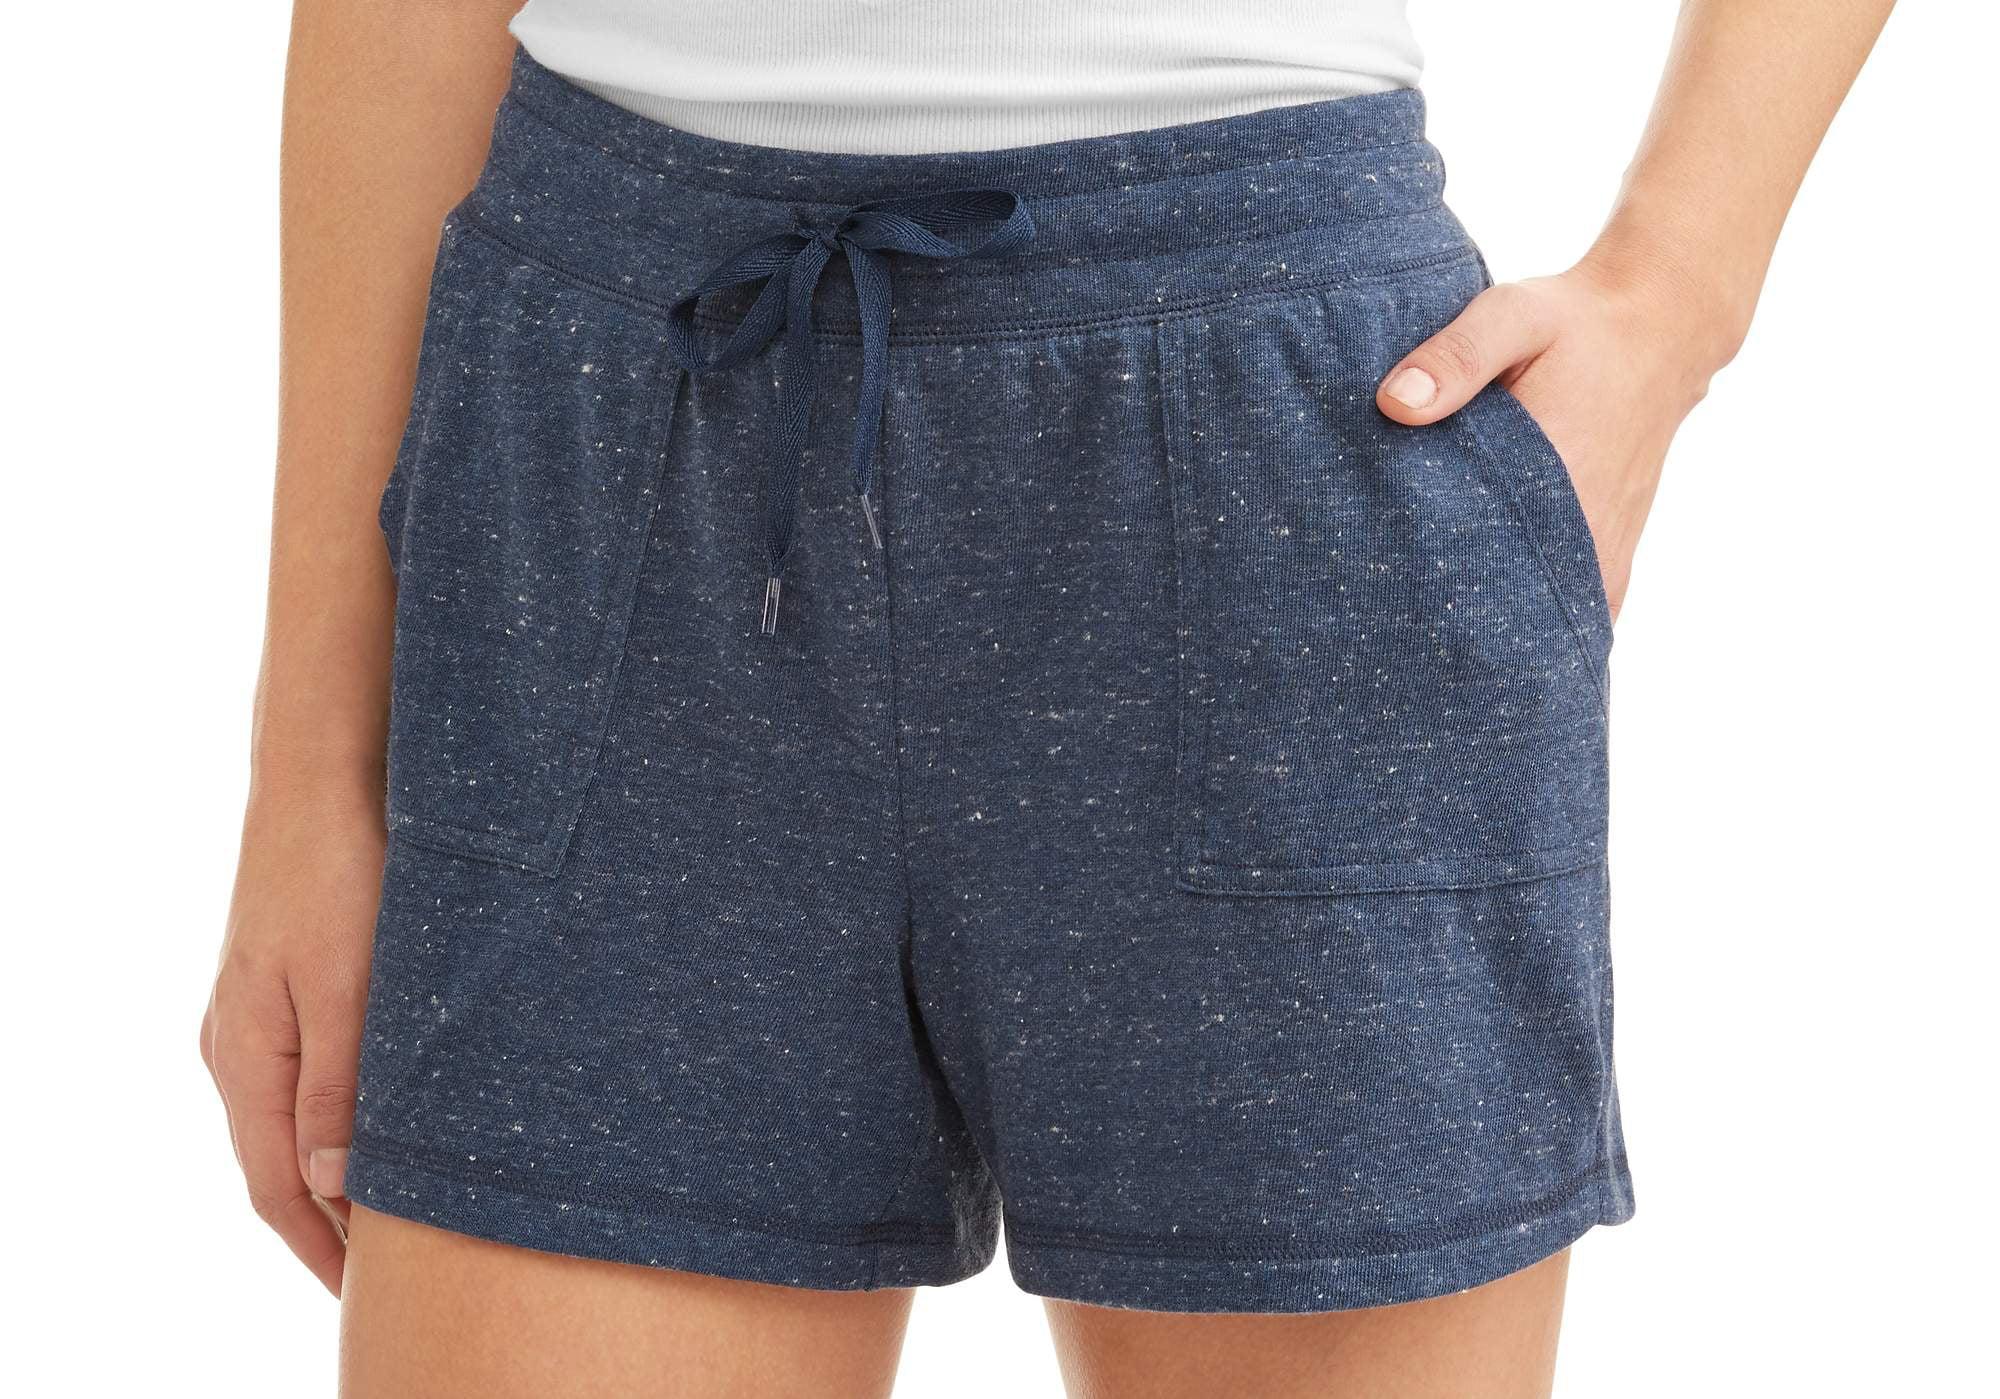 Women's Essential Athleisure Gym Shorts